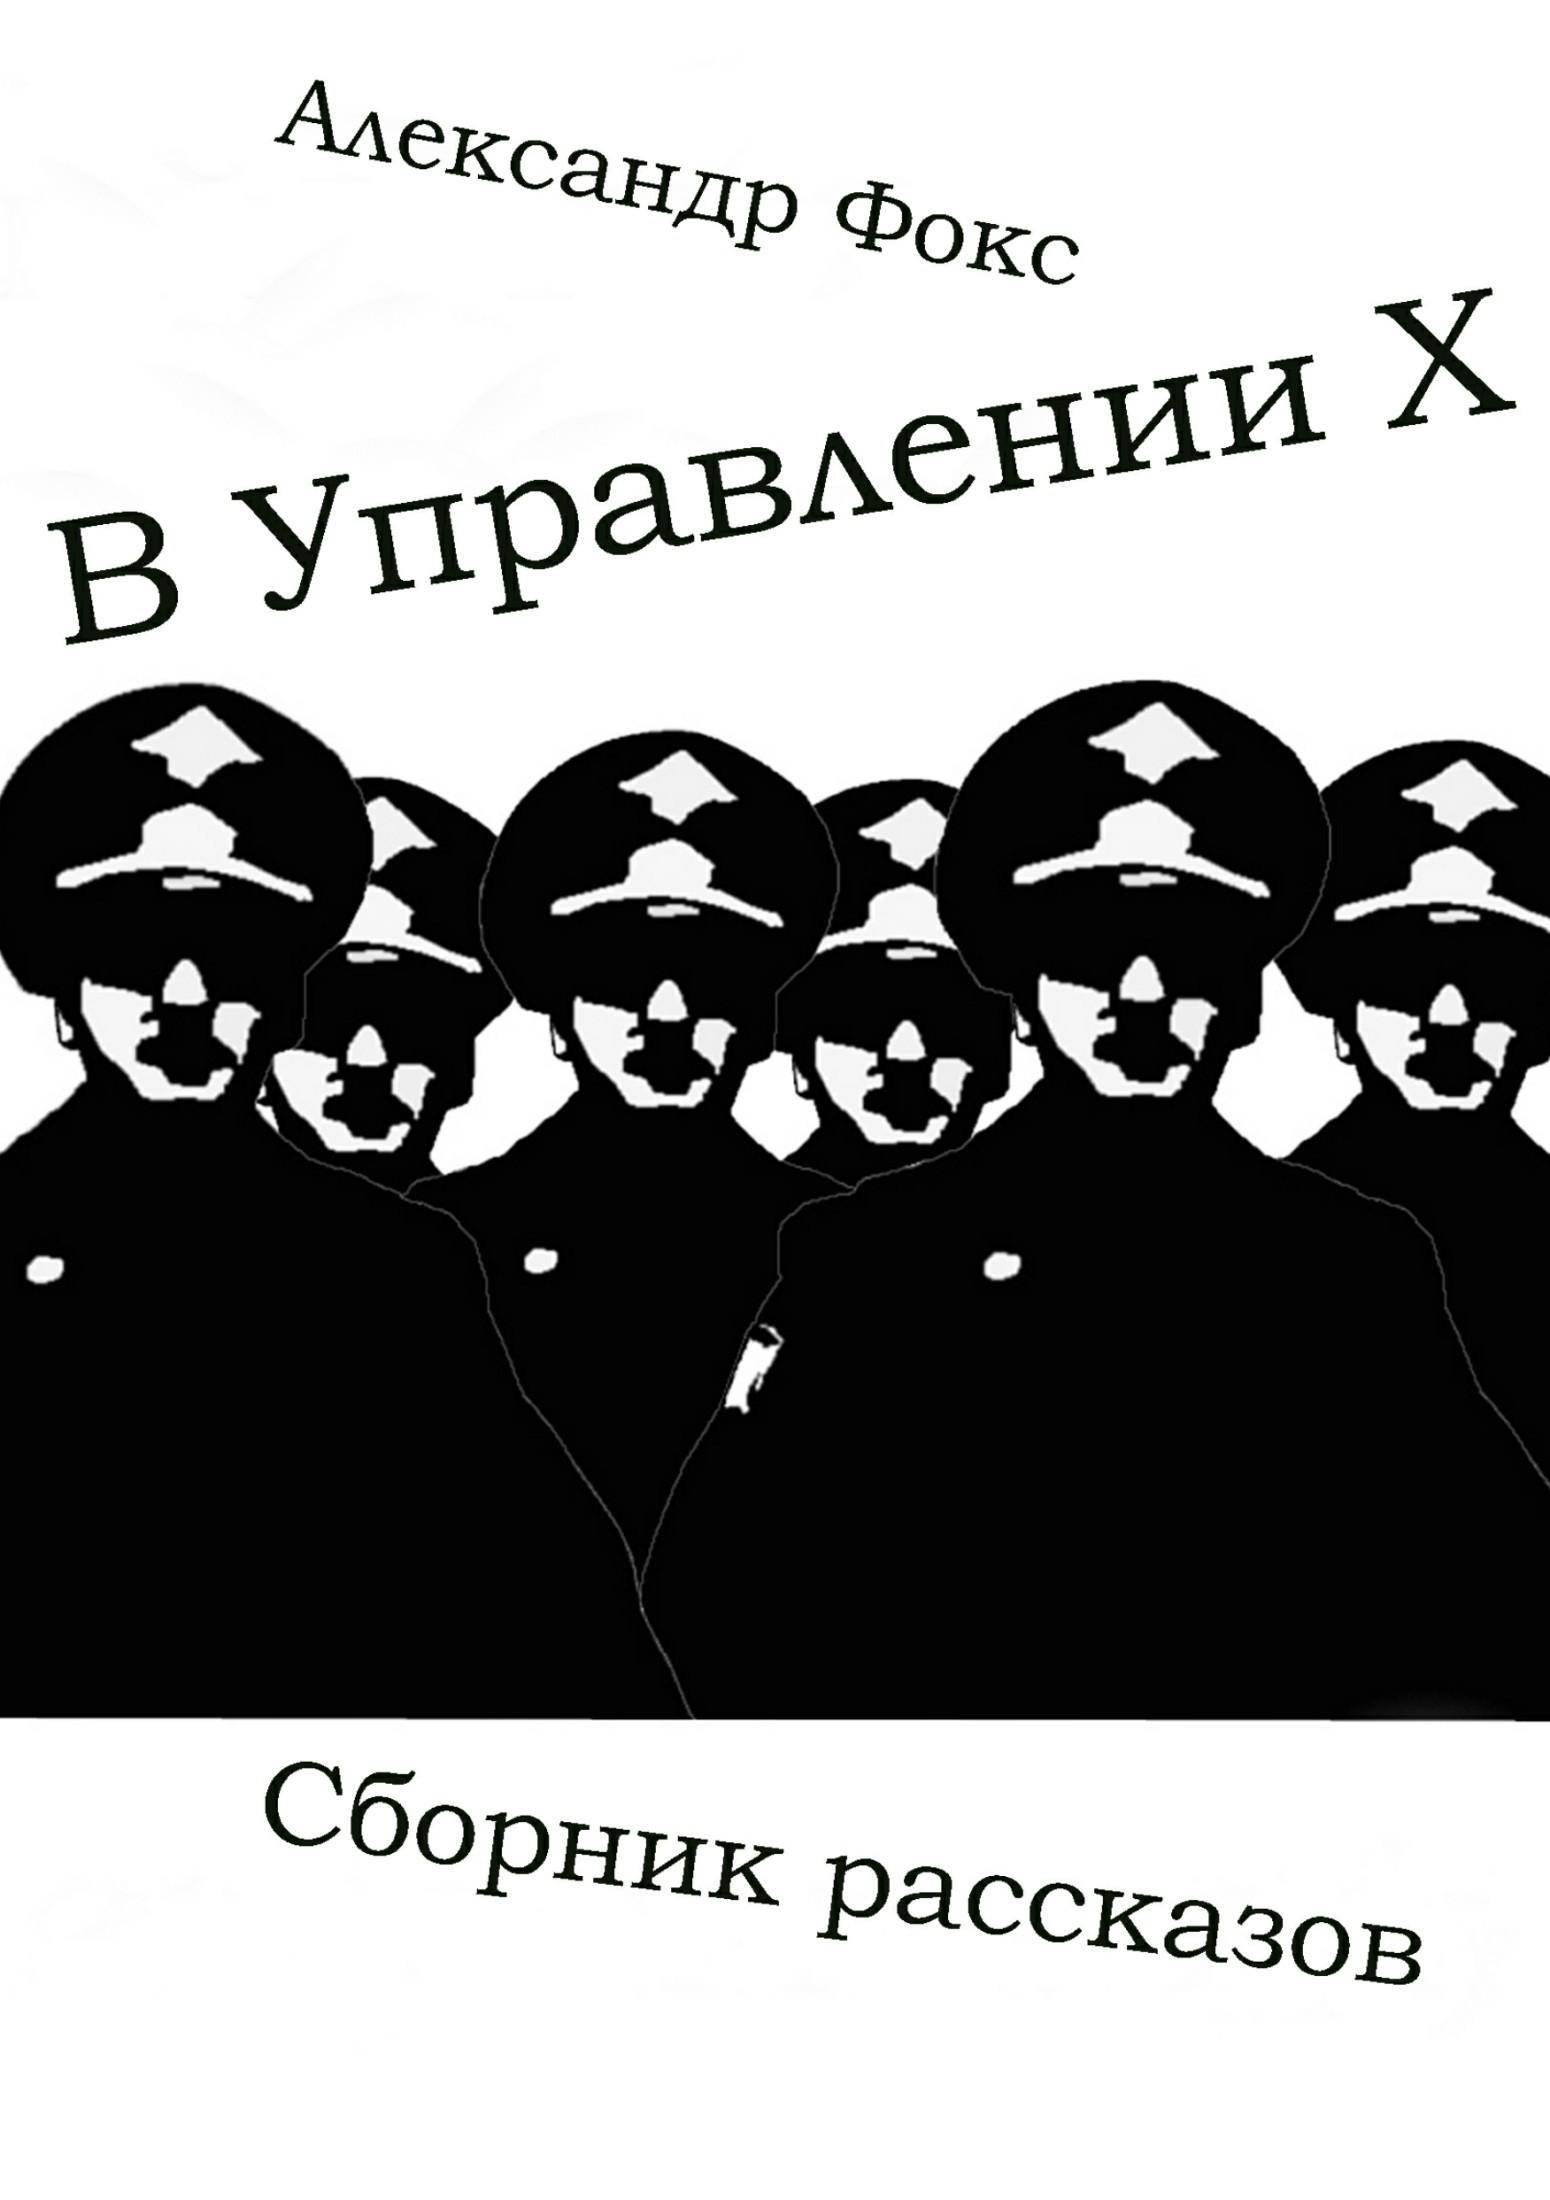 Александр Владимирович Фокс. В Управлении Х. Сборник рассказов